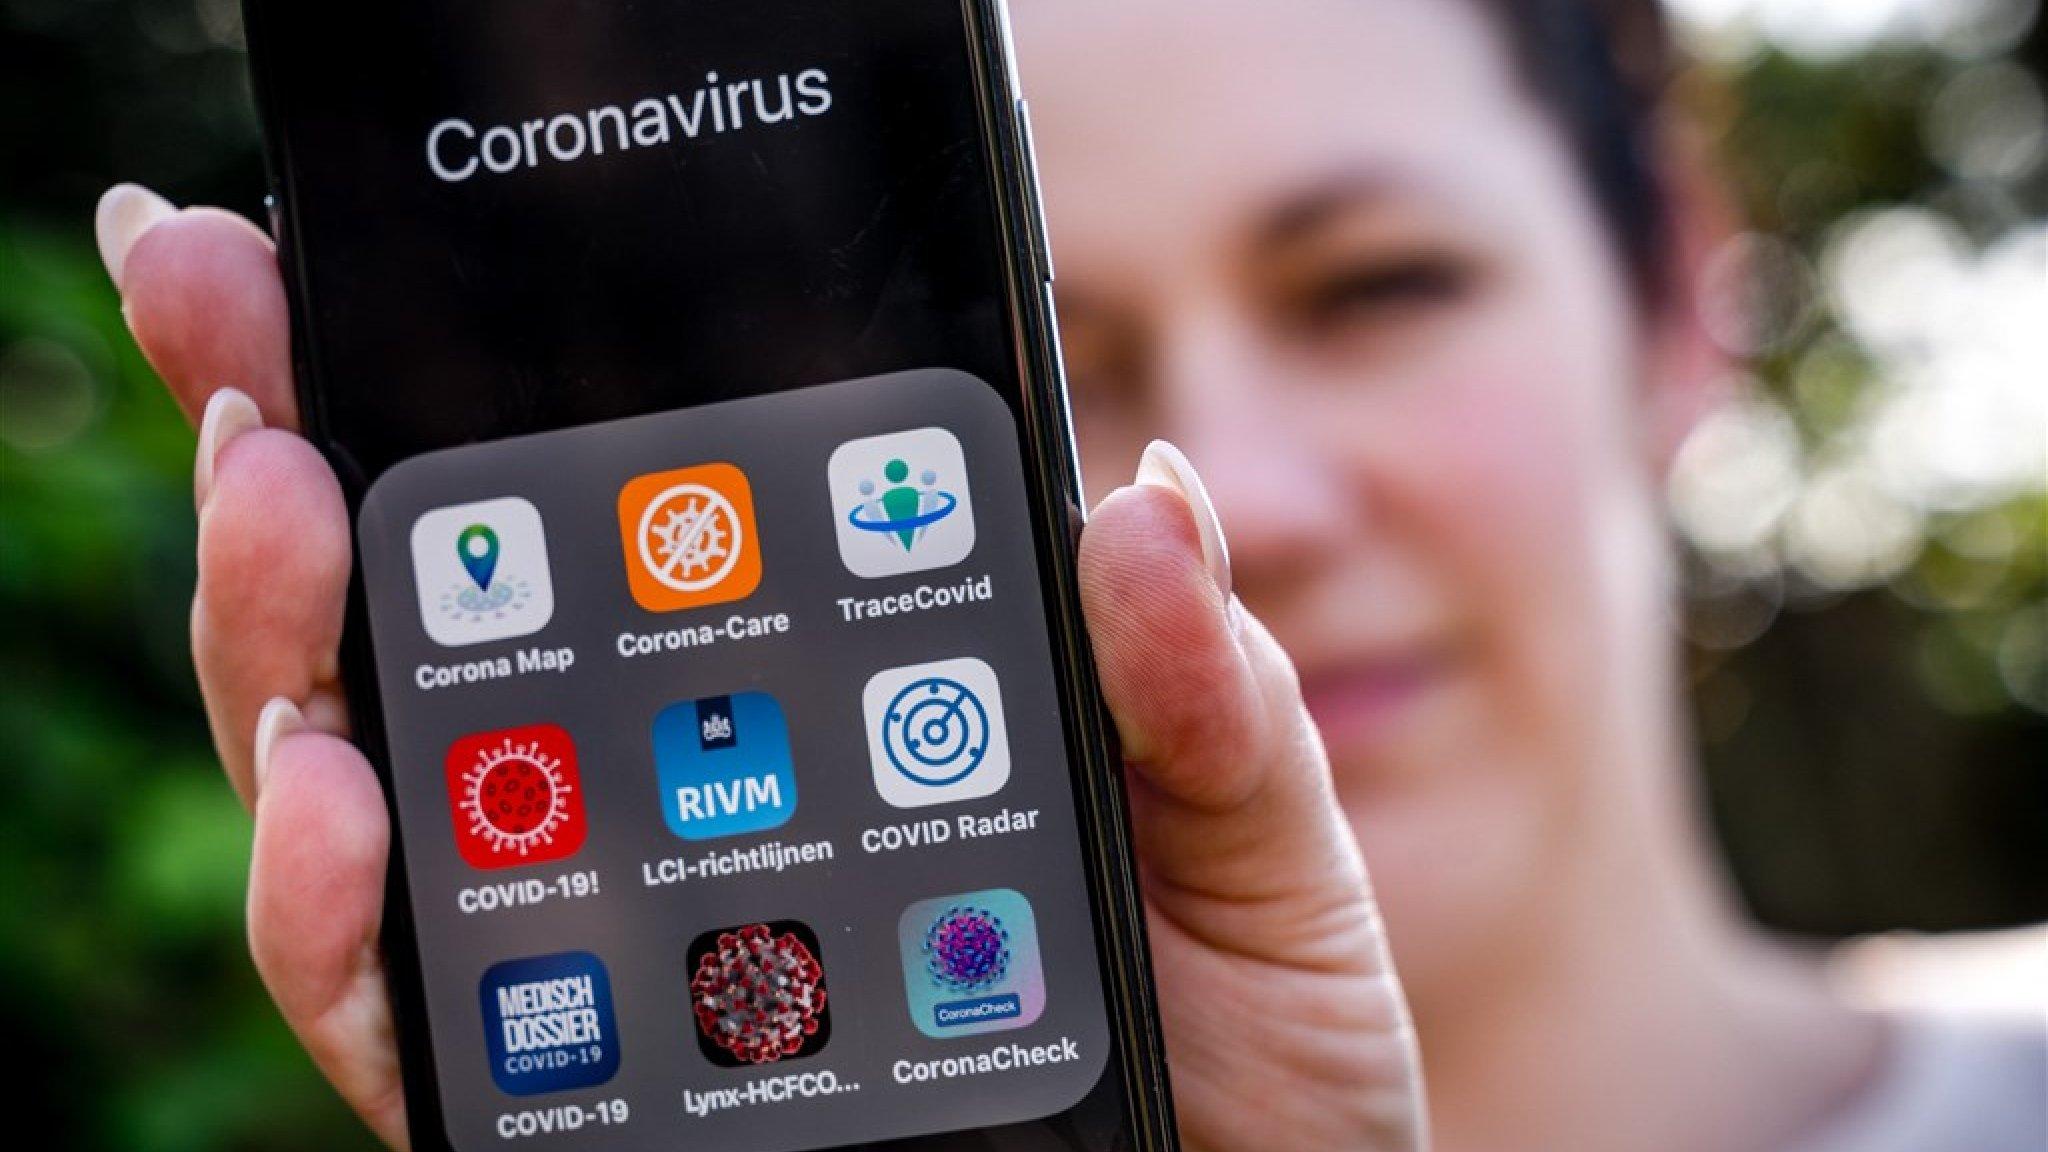 Overheid maakt nieuwe corona-app, eind mei eerste test | RTL Nieuws